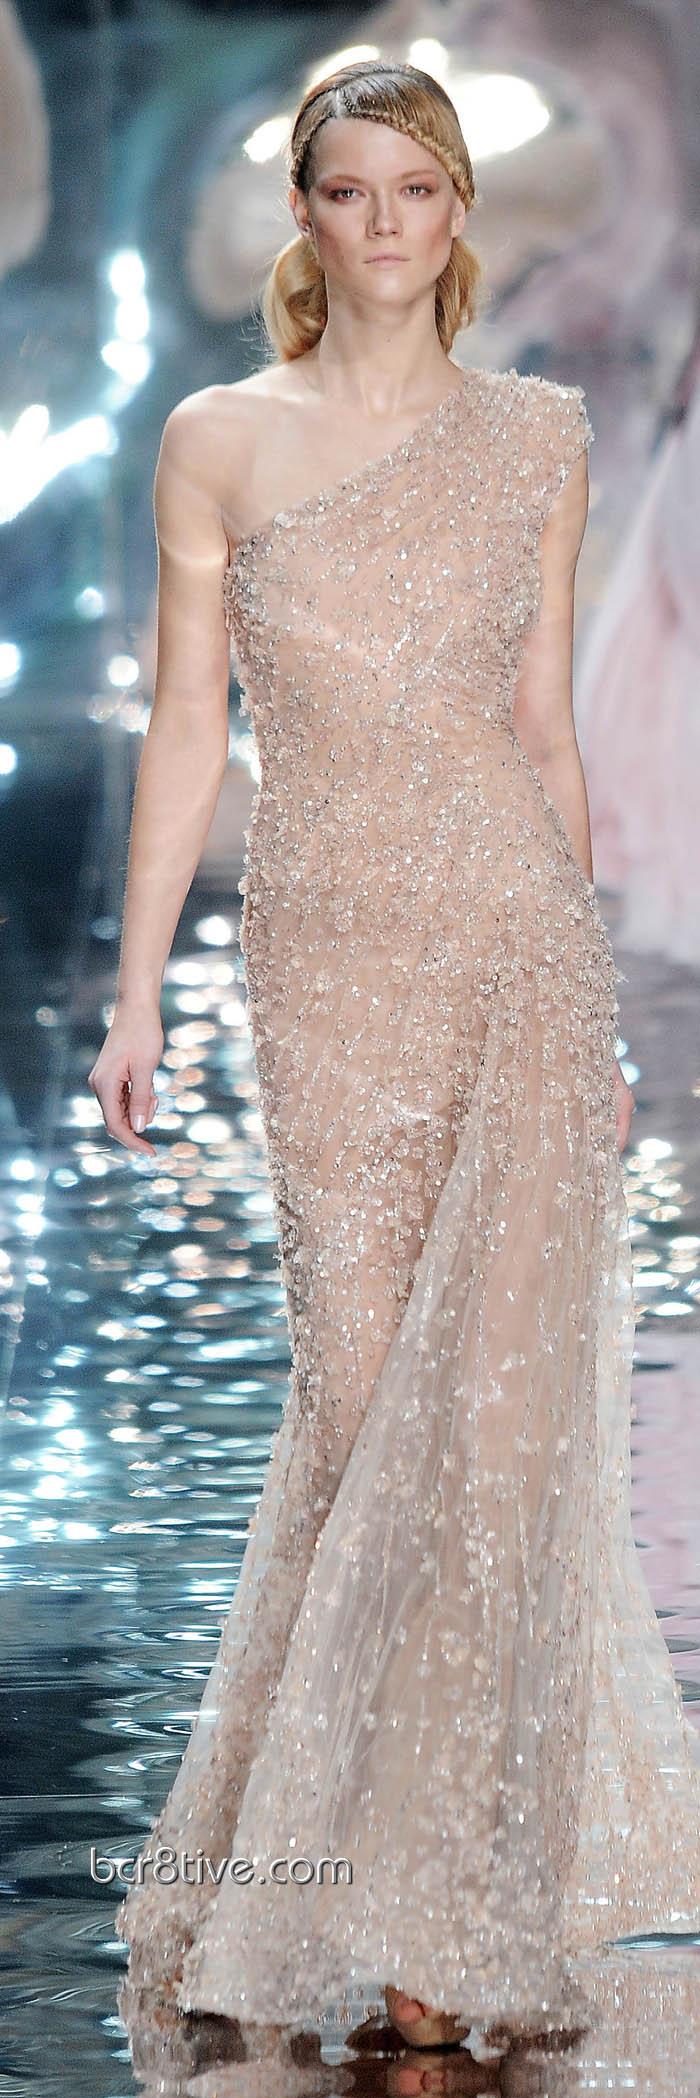 Elie Saab Spring Summer 2010 Haute Couture | Vestidos de noche ...